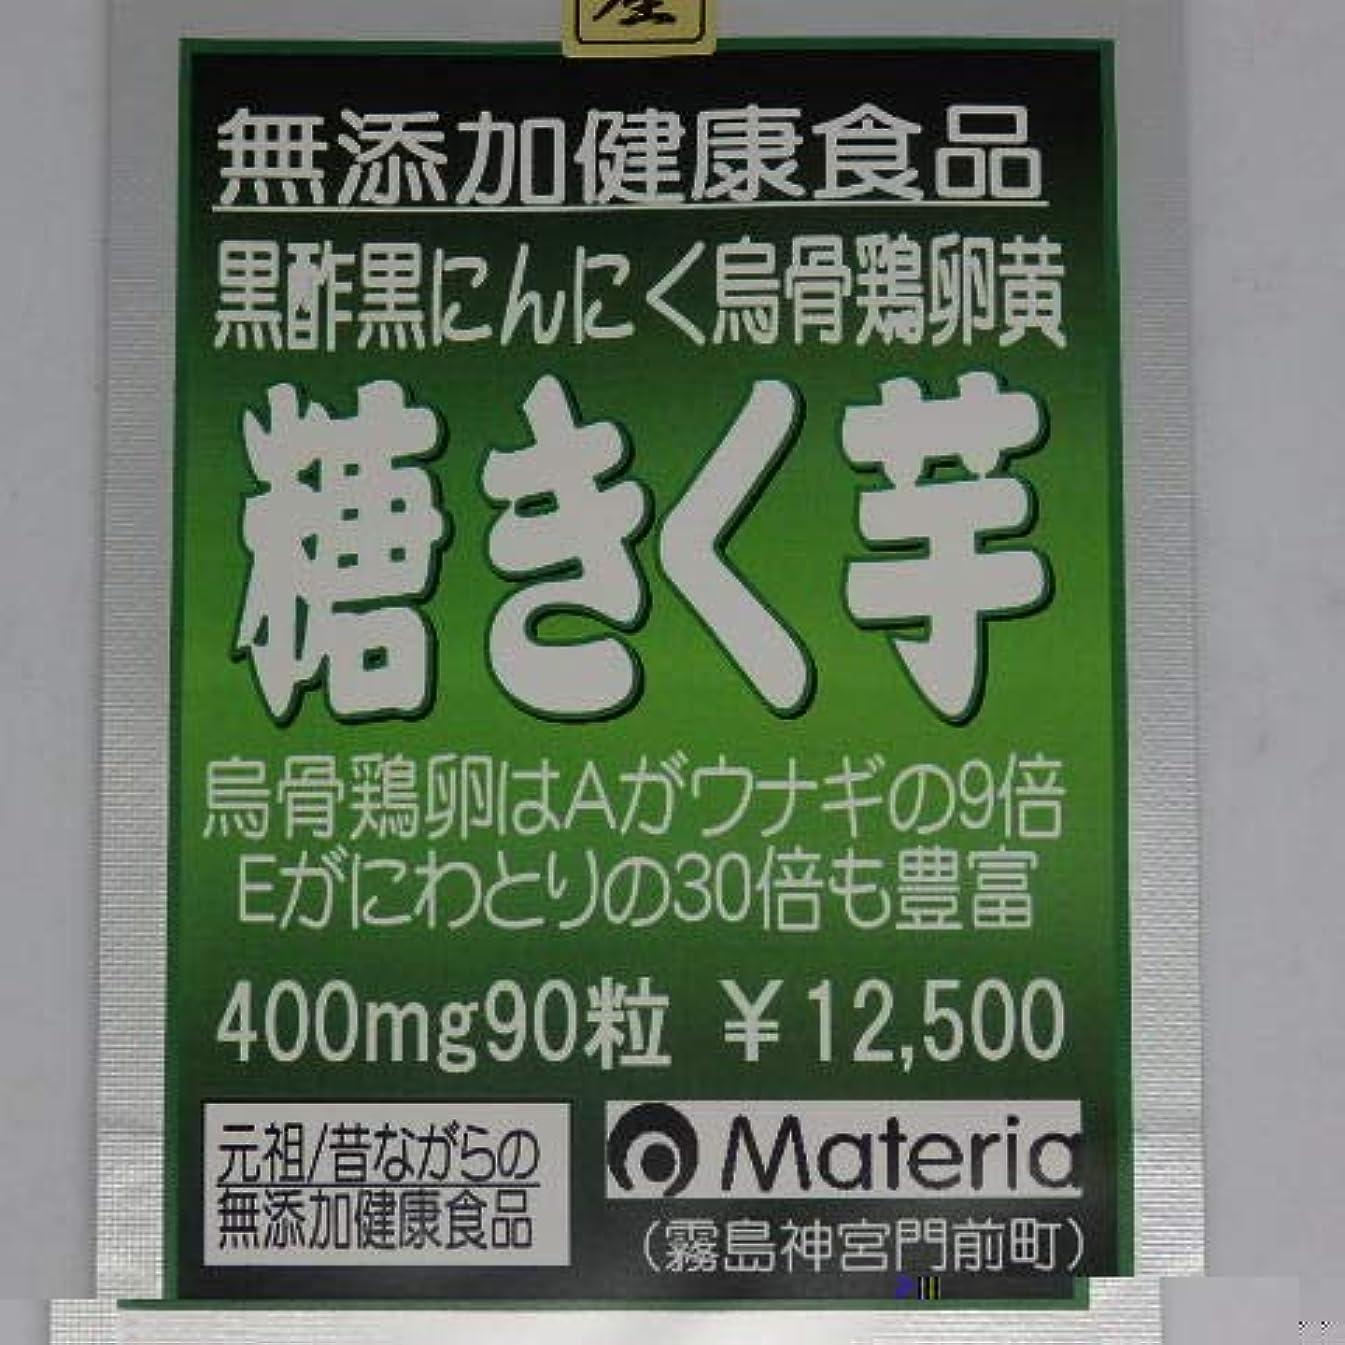 ベテラン包囲イーウェル無添加健康食品/黒酢黒にんにく烏骨鶏卵黄/菊芋糖系 (90粒)90日分¥12,500